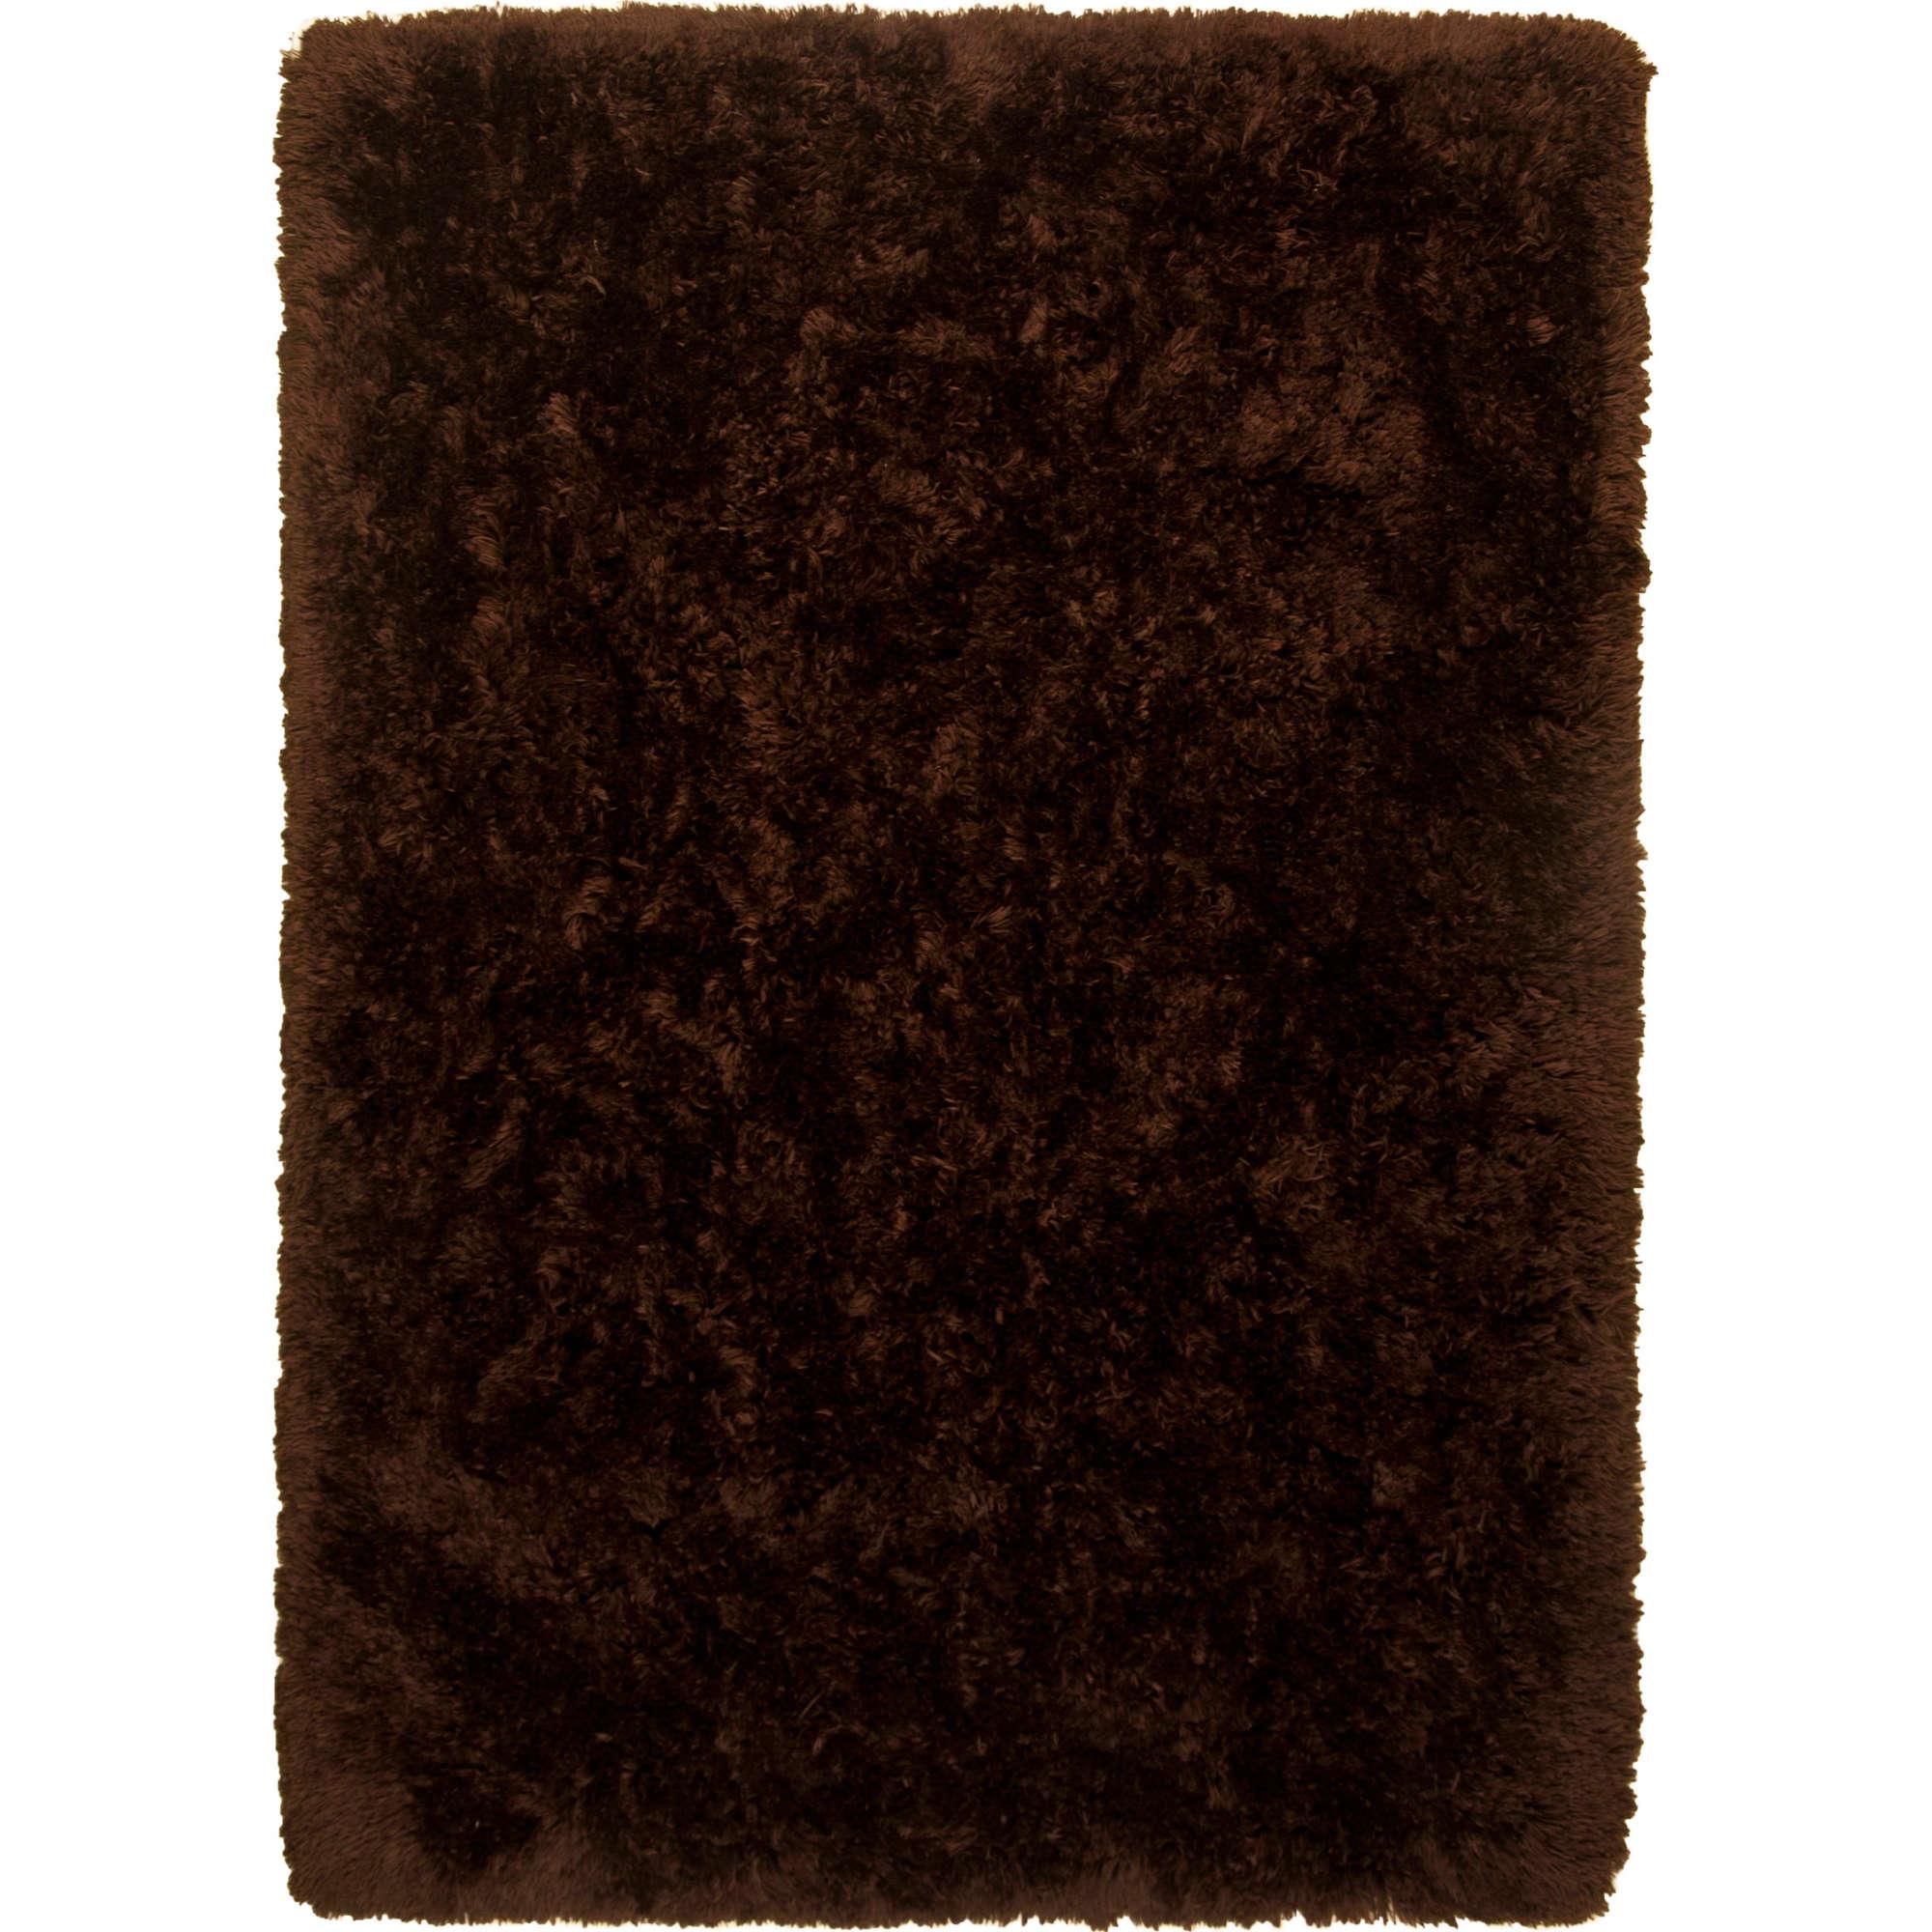 Tom Tailor Teppich handgetuftet  eBay